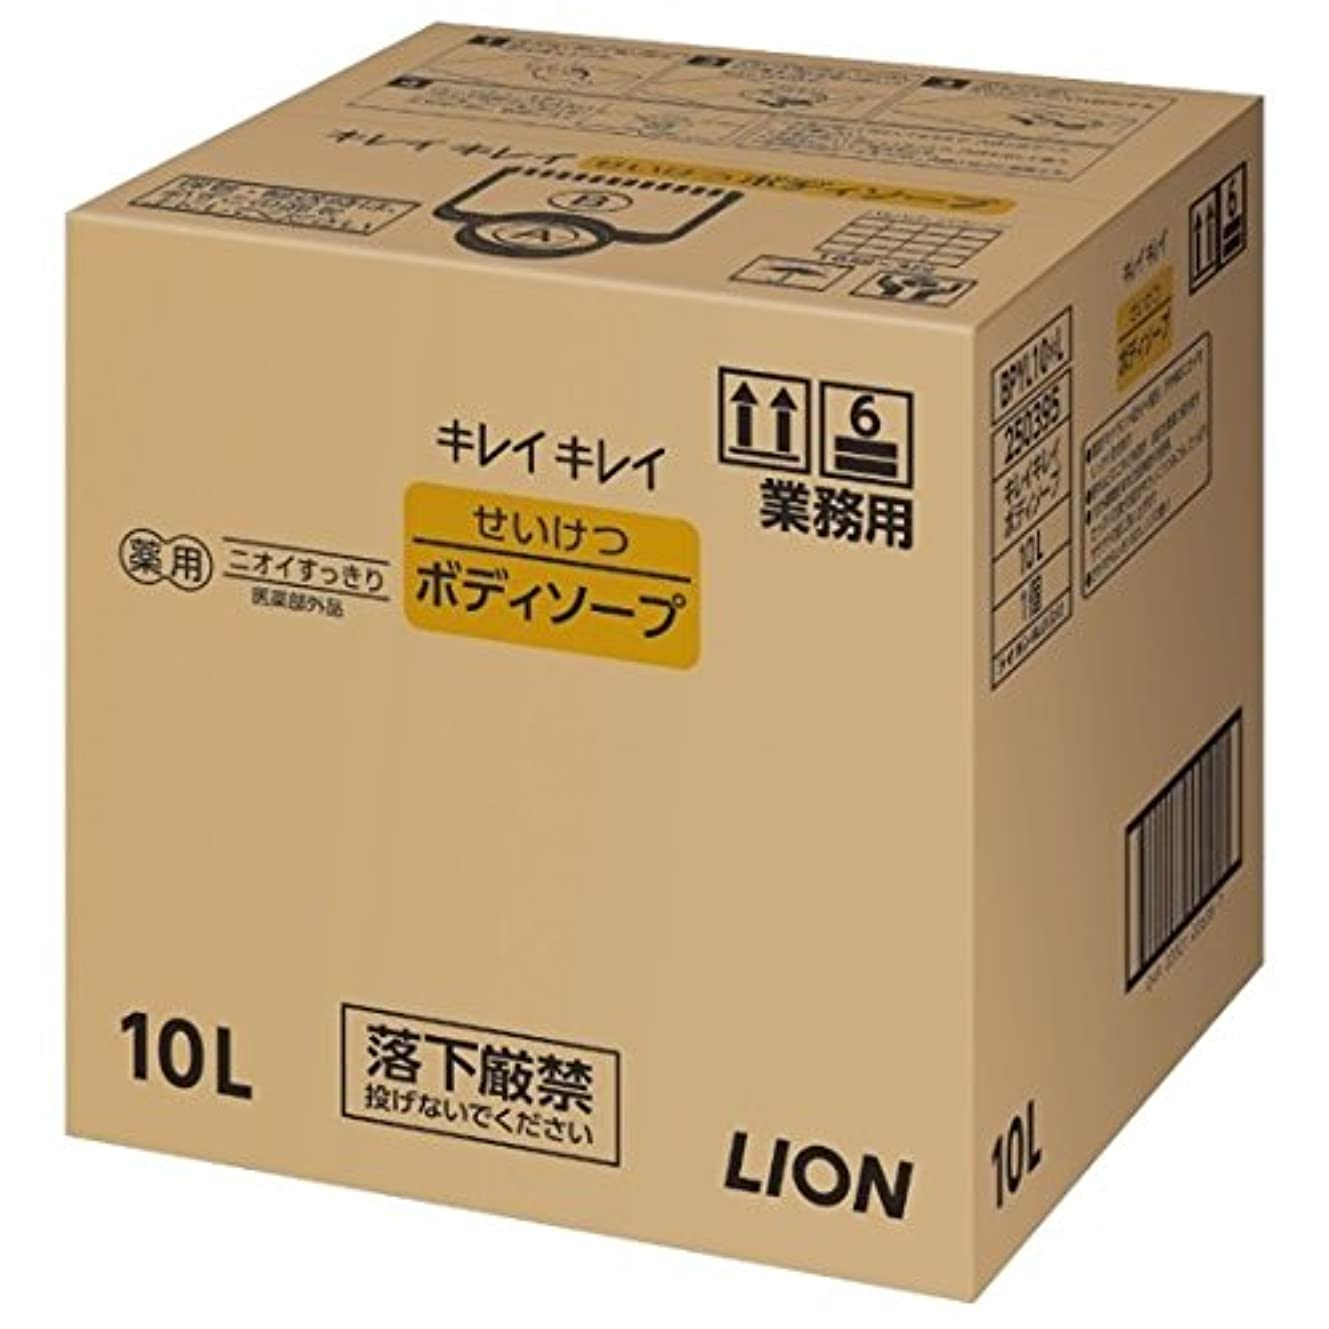 永遠の罹患率出演者ライオン 業務用 キレイキレイ せいけつボディソープ 10L